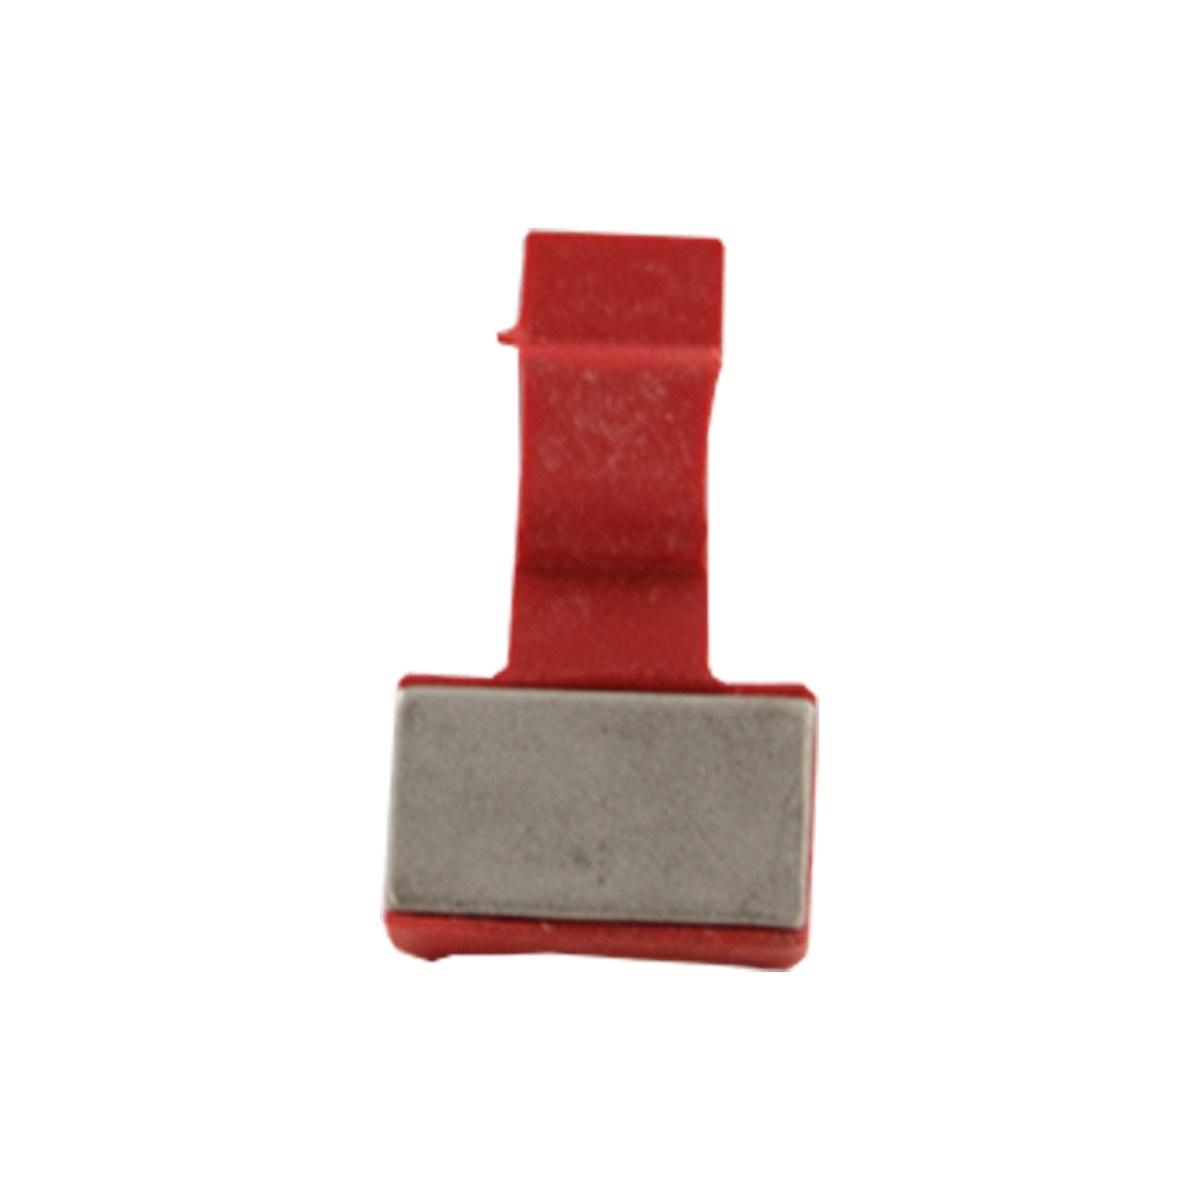 8008-0035, Pressure C/Box Block for E-TRAC